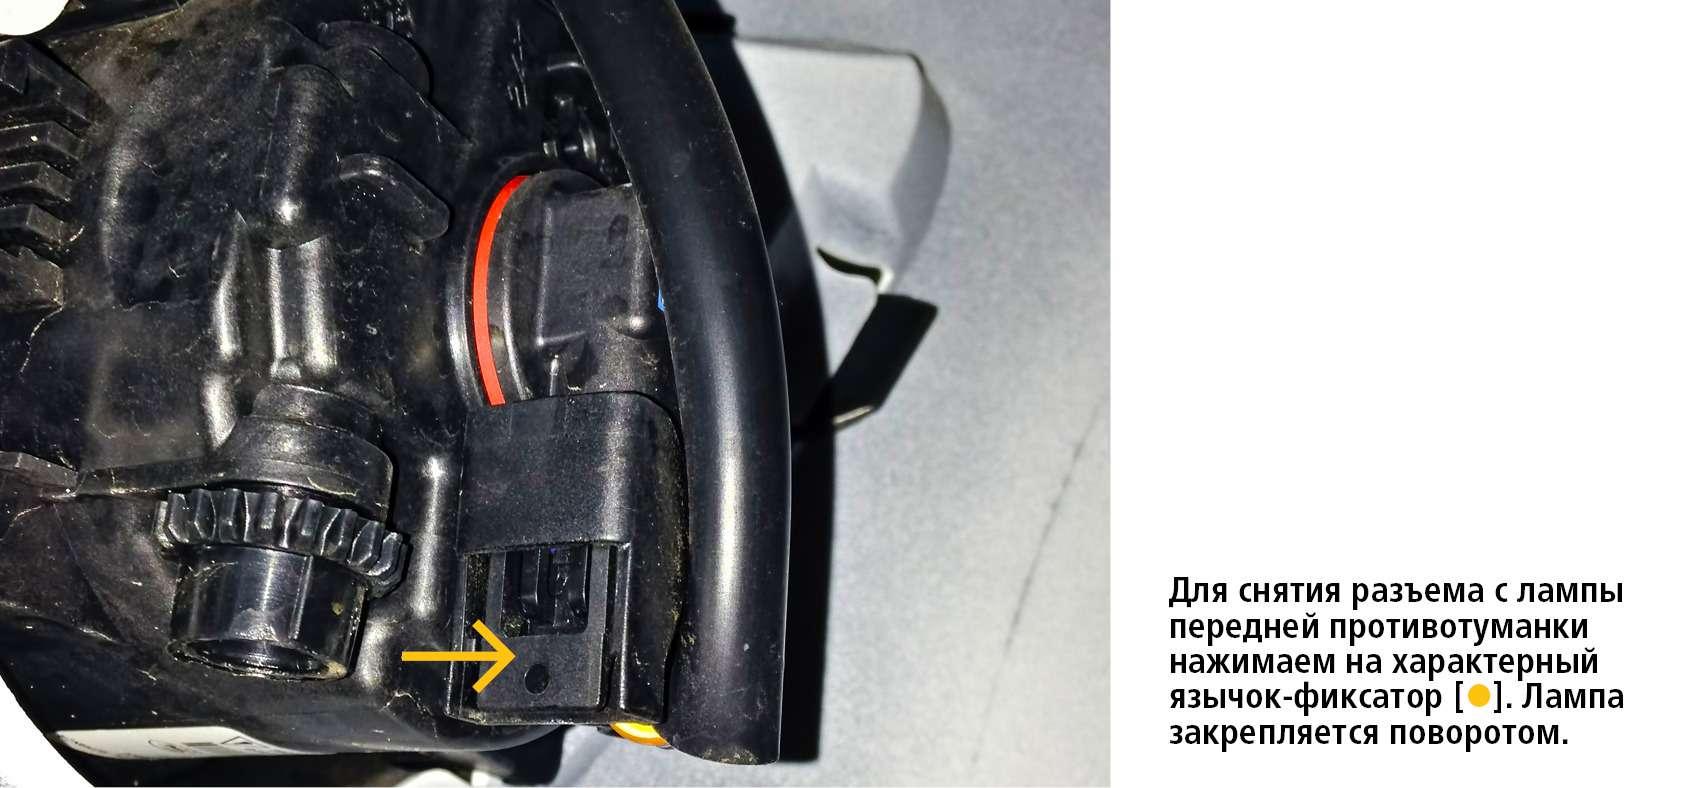 Ford Fiesta: проверка наремонтопригодность— фото 610314